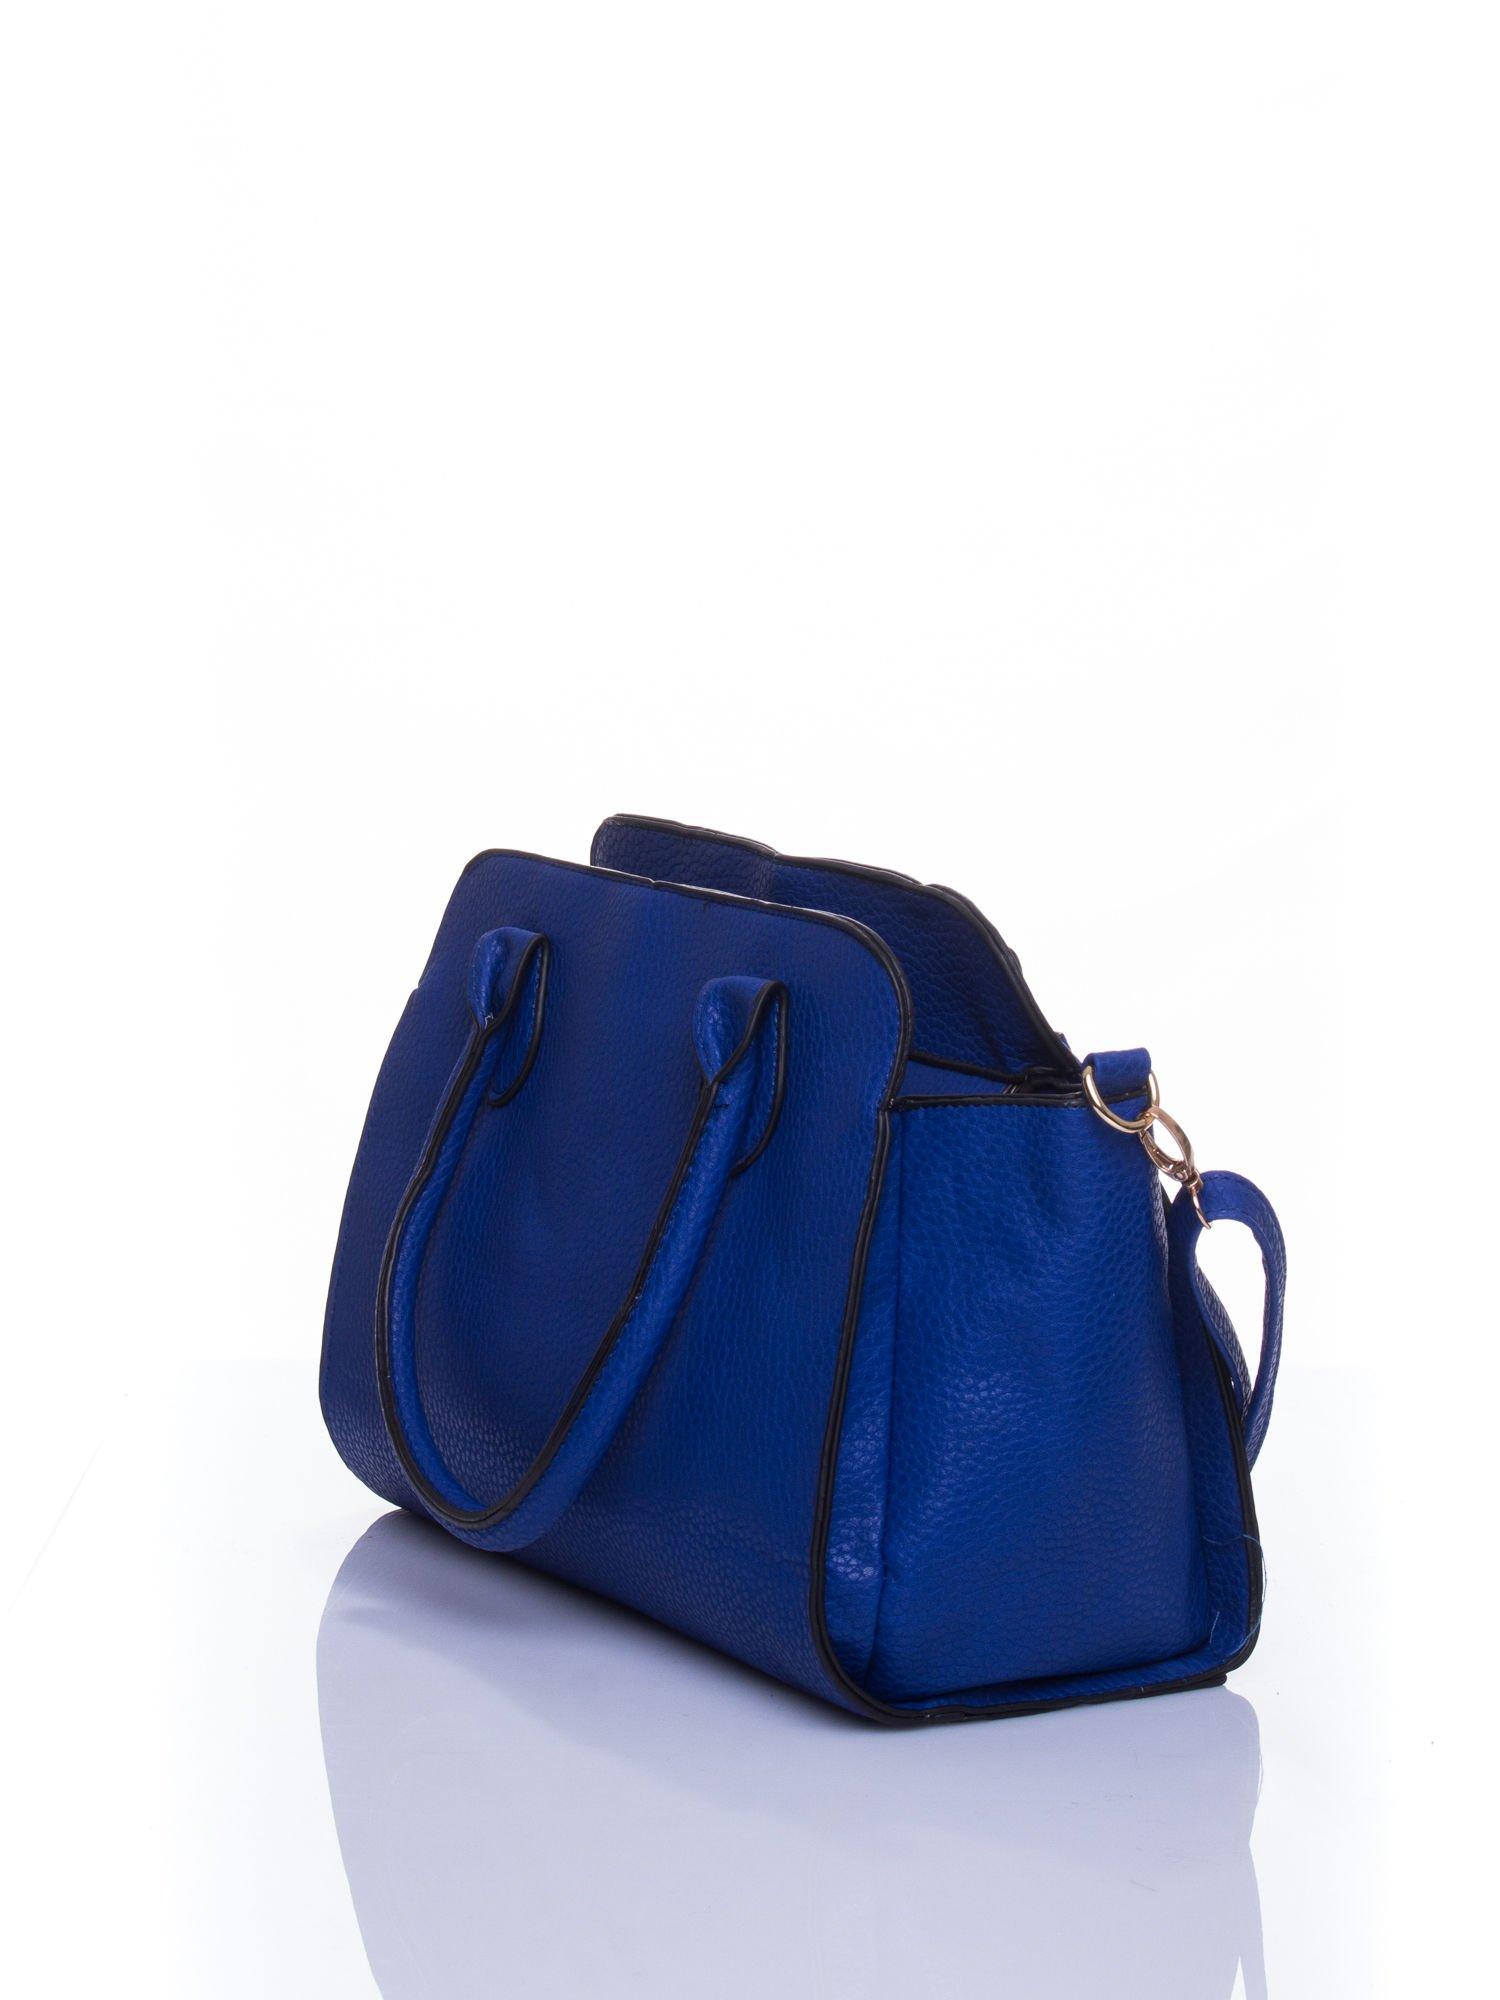 Niebieska torba shopper bag z zawieszką                                  zdj.                                  4